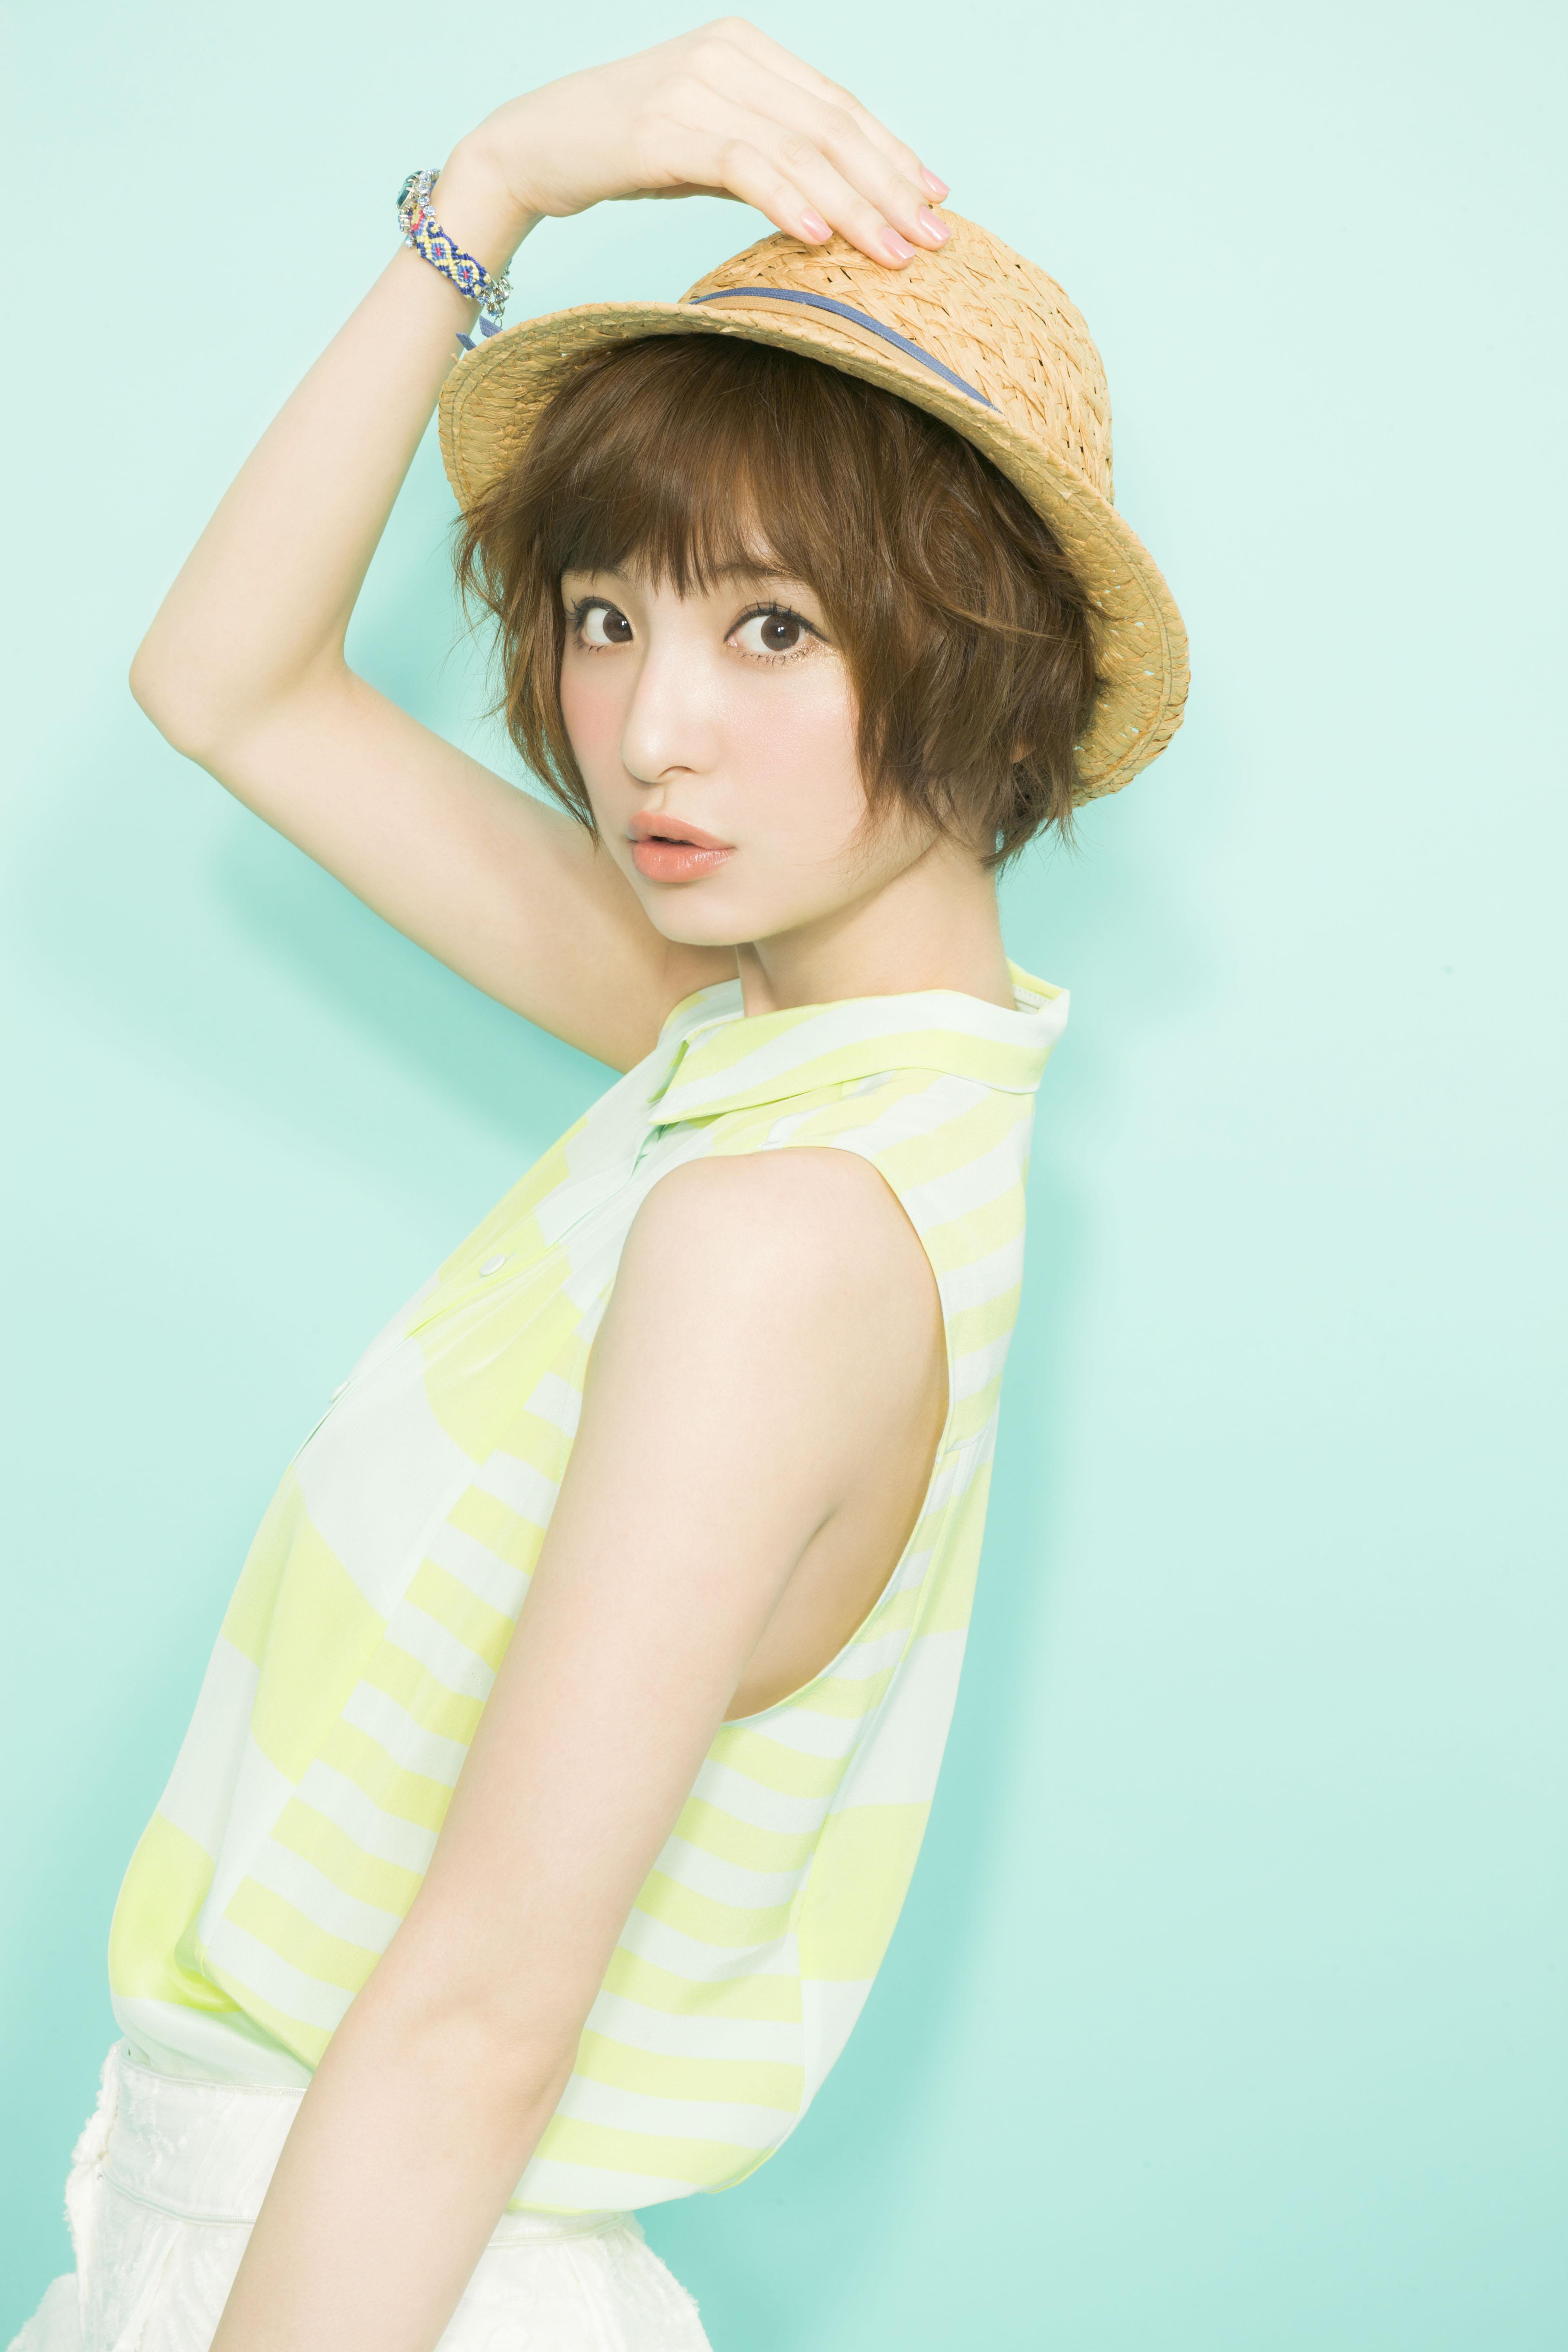 モデルとしても活躍中の篠田麻里子さんのメイクポイントを紹介☆のサムネイル画像